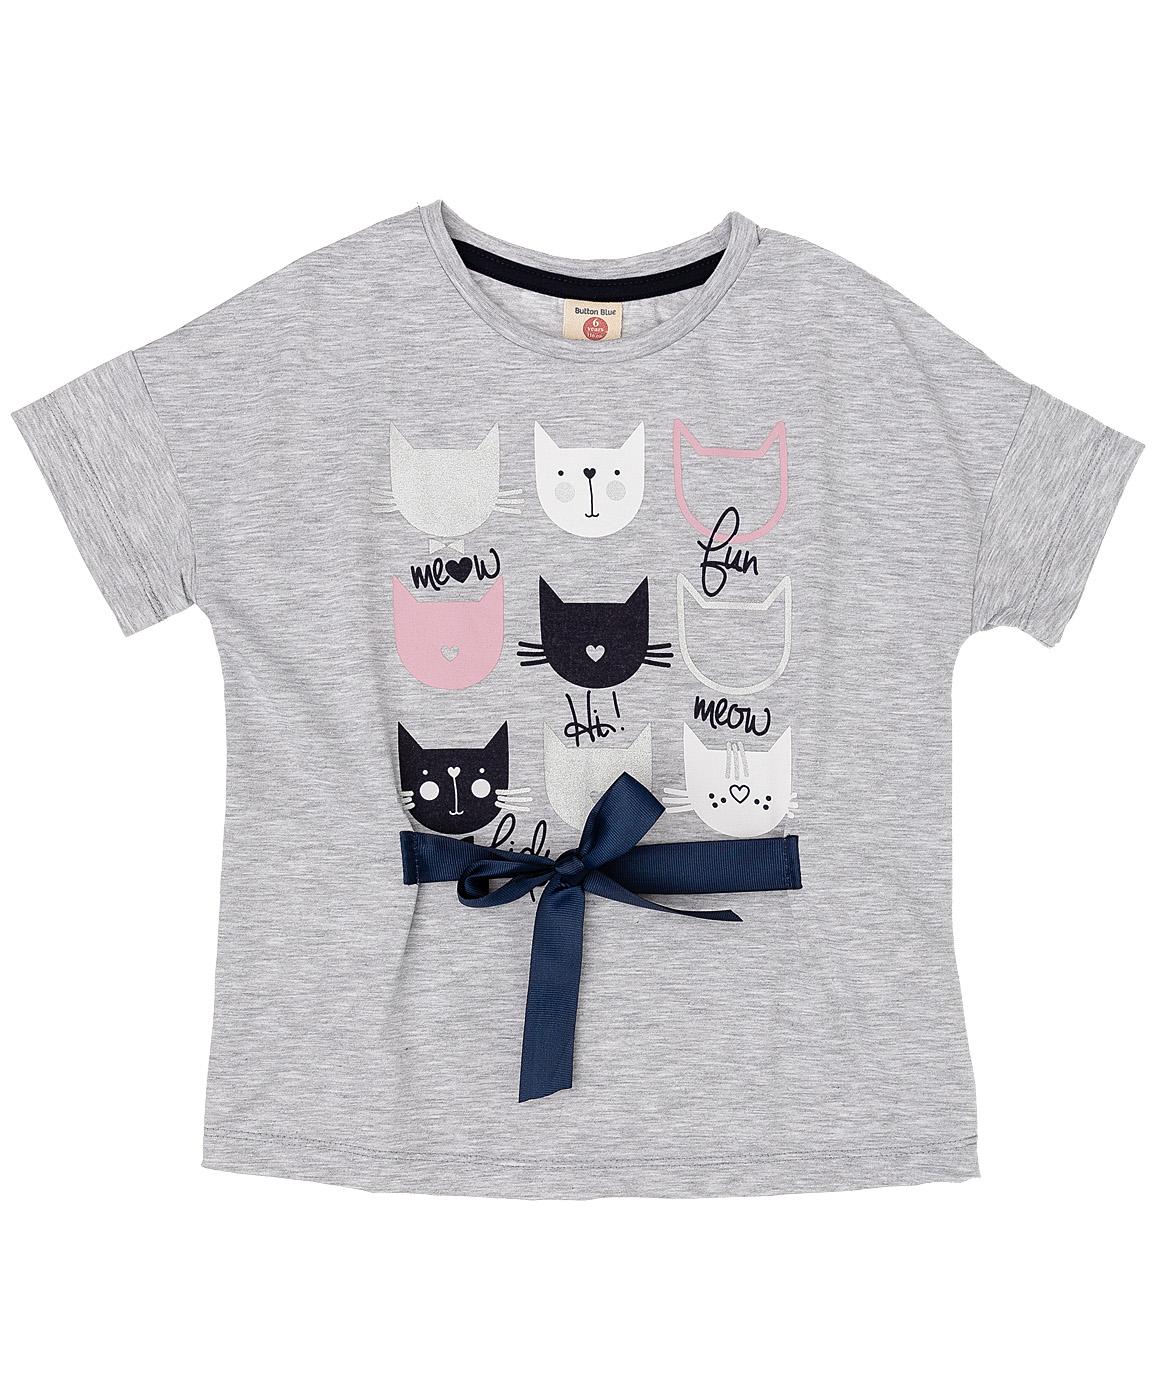 Купить 219BBGC12011900, Серая футболка с принтом Button Blue, серый, 134, Женский, ОСЕНЬ/ЗИМА 2019-2020 (shop: GulliverMarket Gulliver Market)